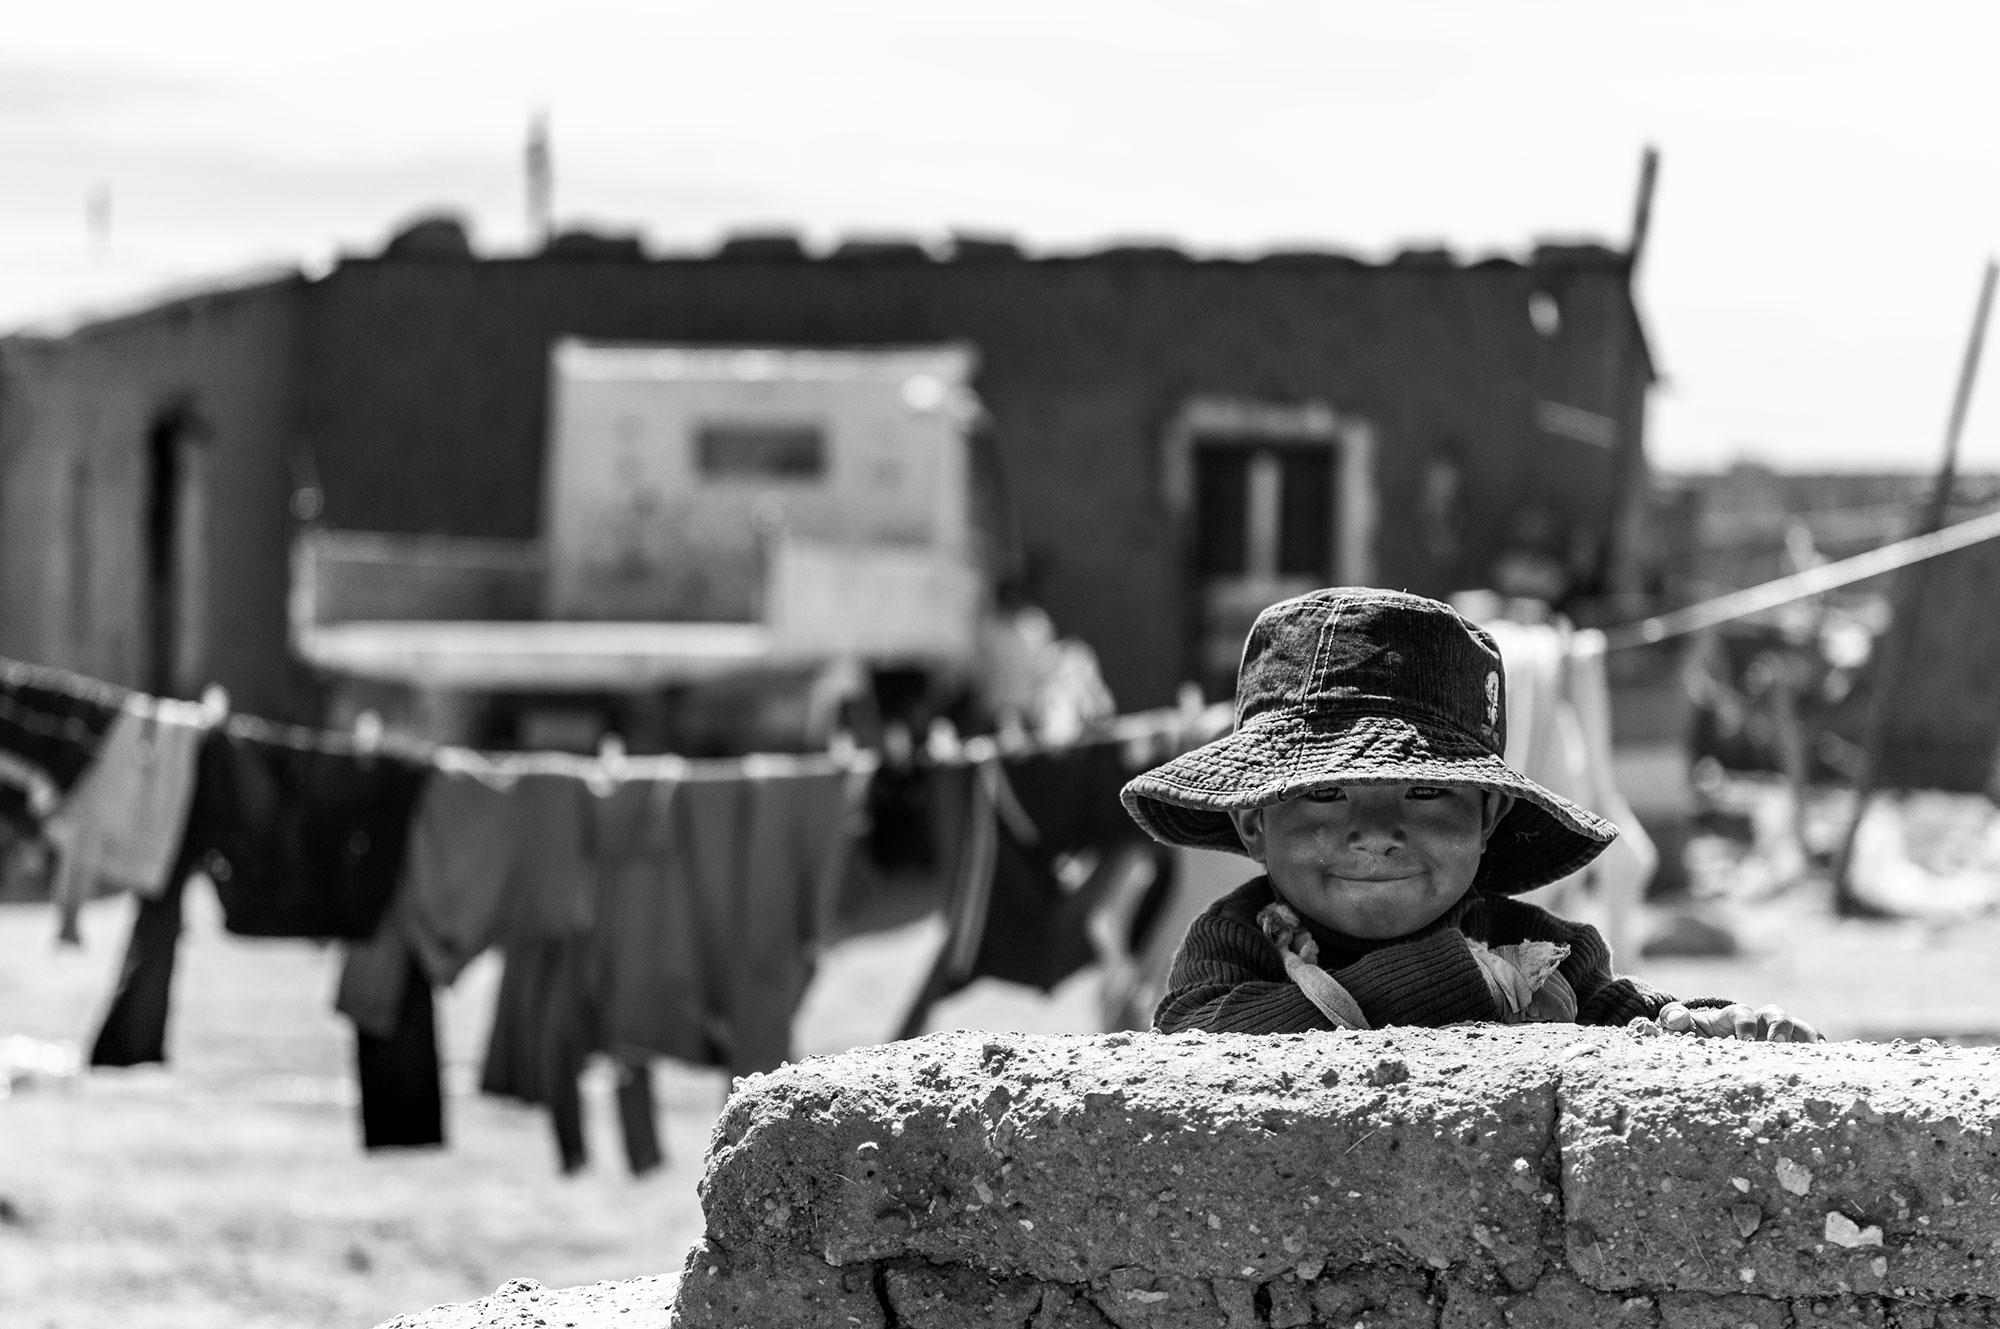 Photographie d'un petit enfant dans un village bolivien.